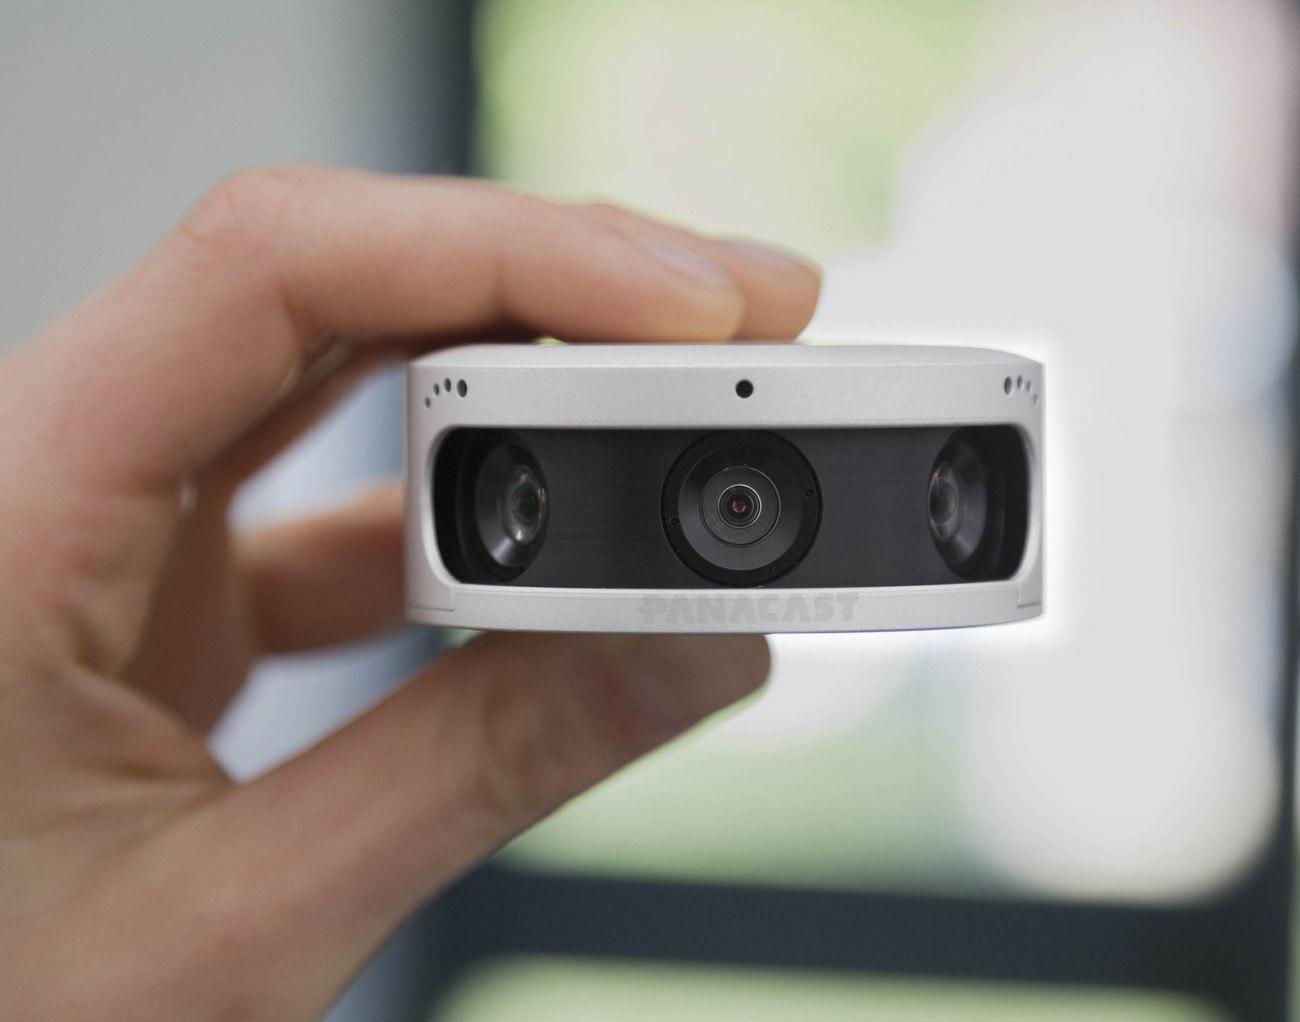 PanaCast Panoramic 4K USB Camera